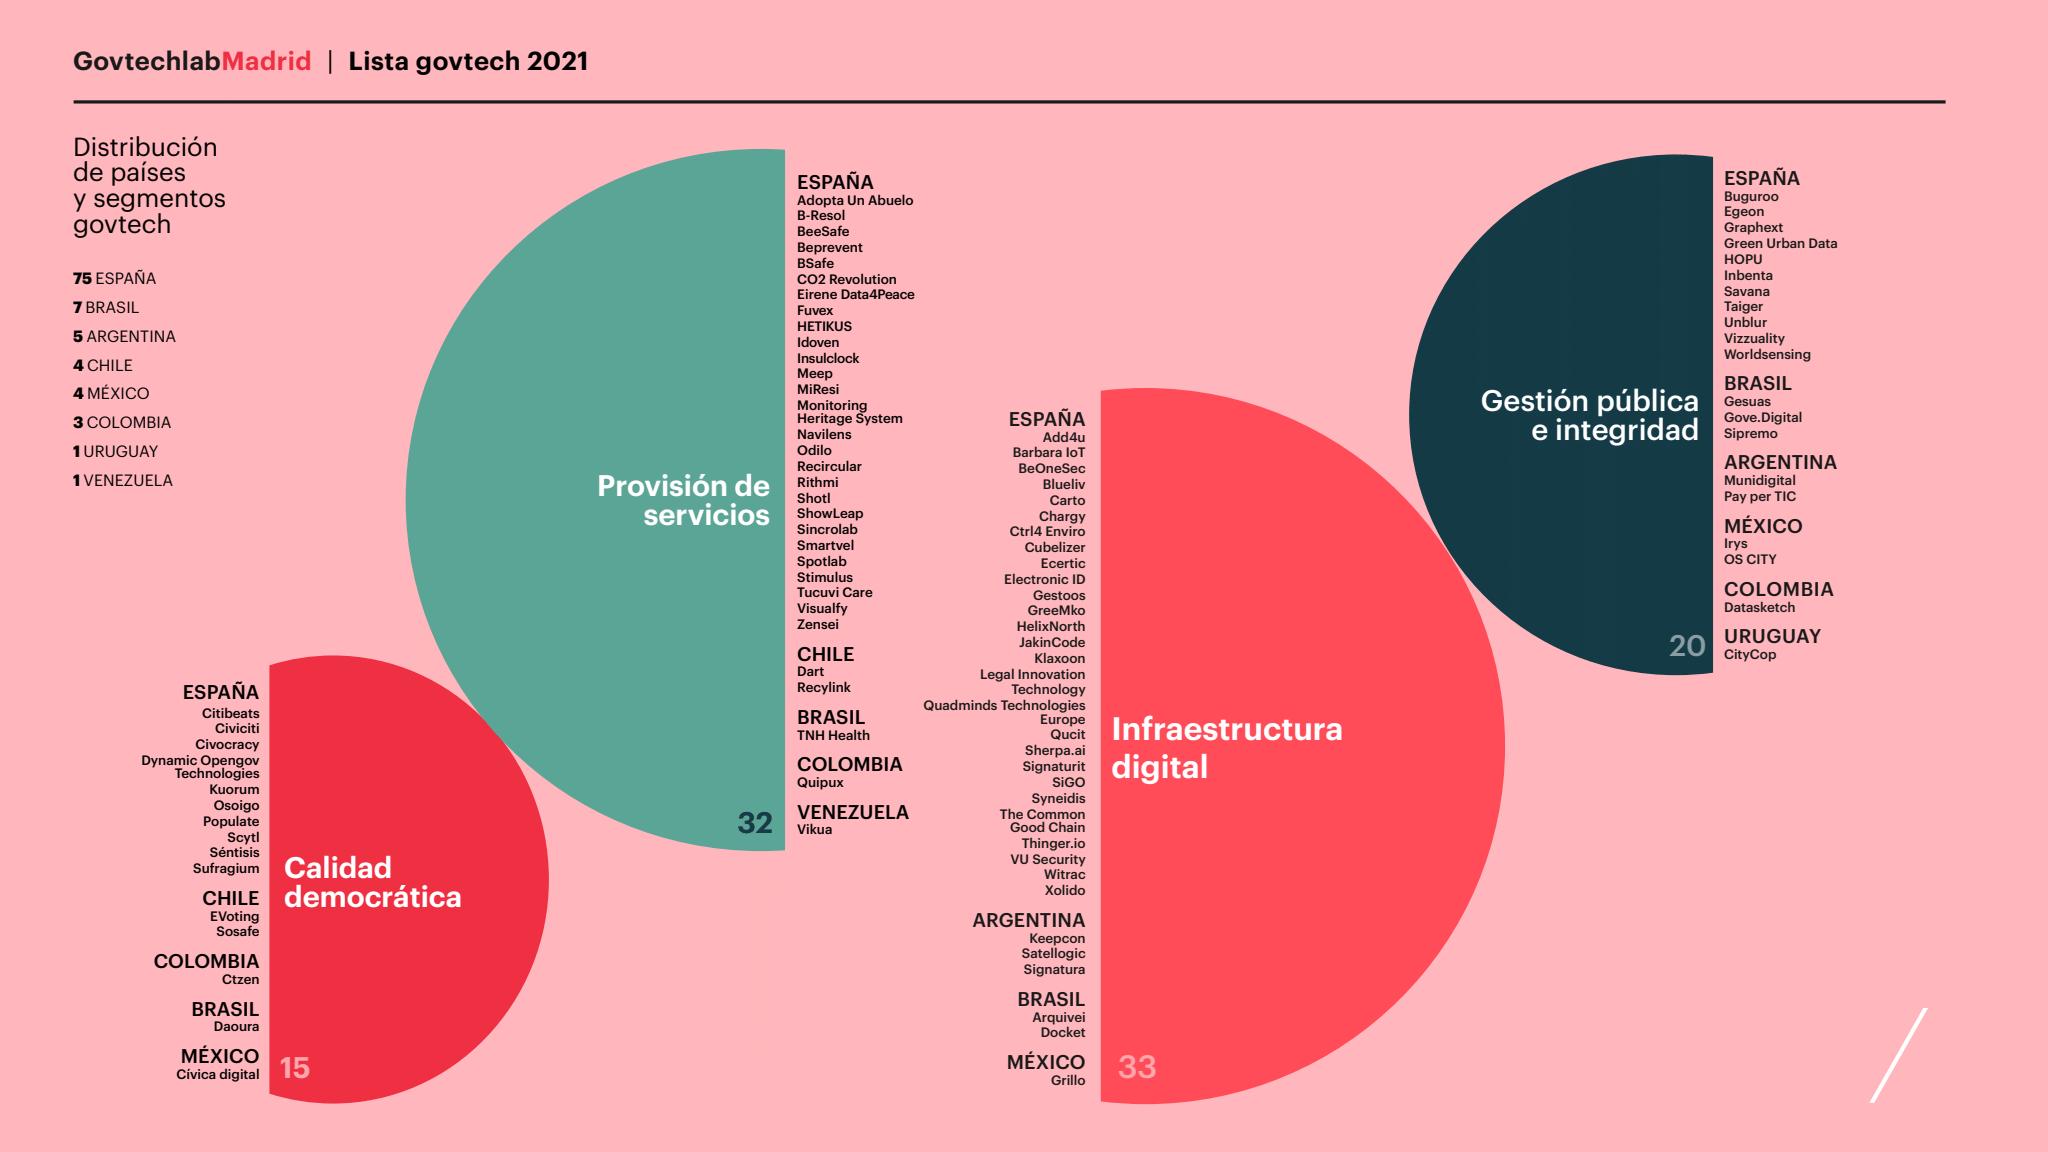 IE University presenta la 'Lista IE Govtech 2021' que identifica las 100 Govtech con mayor impacto de Iberoamérica